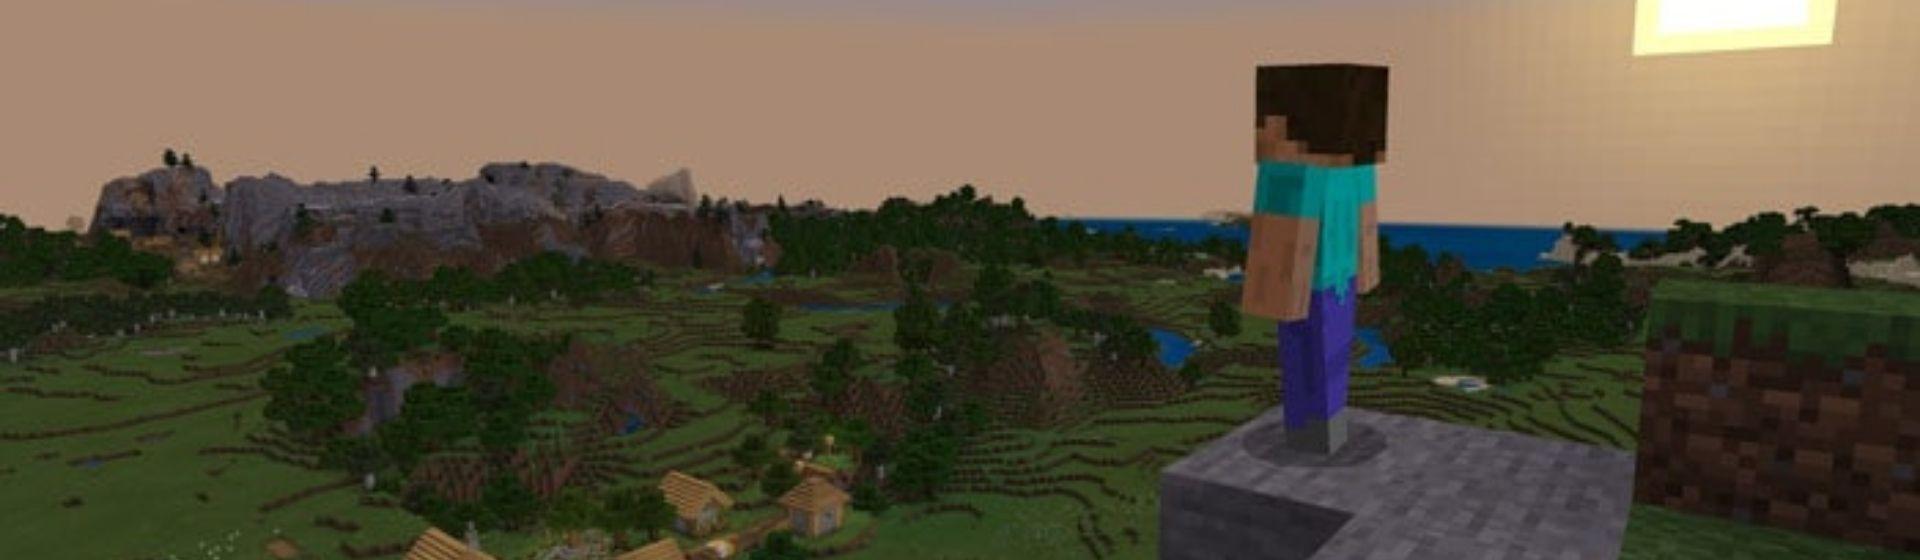 Como fazer poção no Minecraft? Aprenda no tutorial